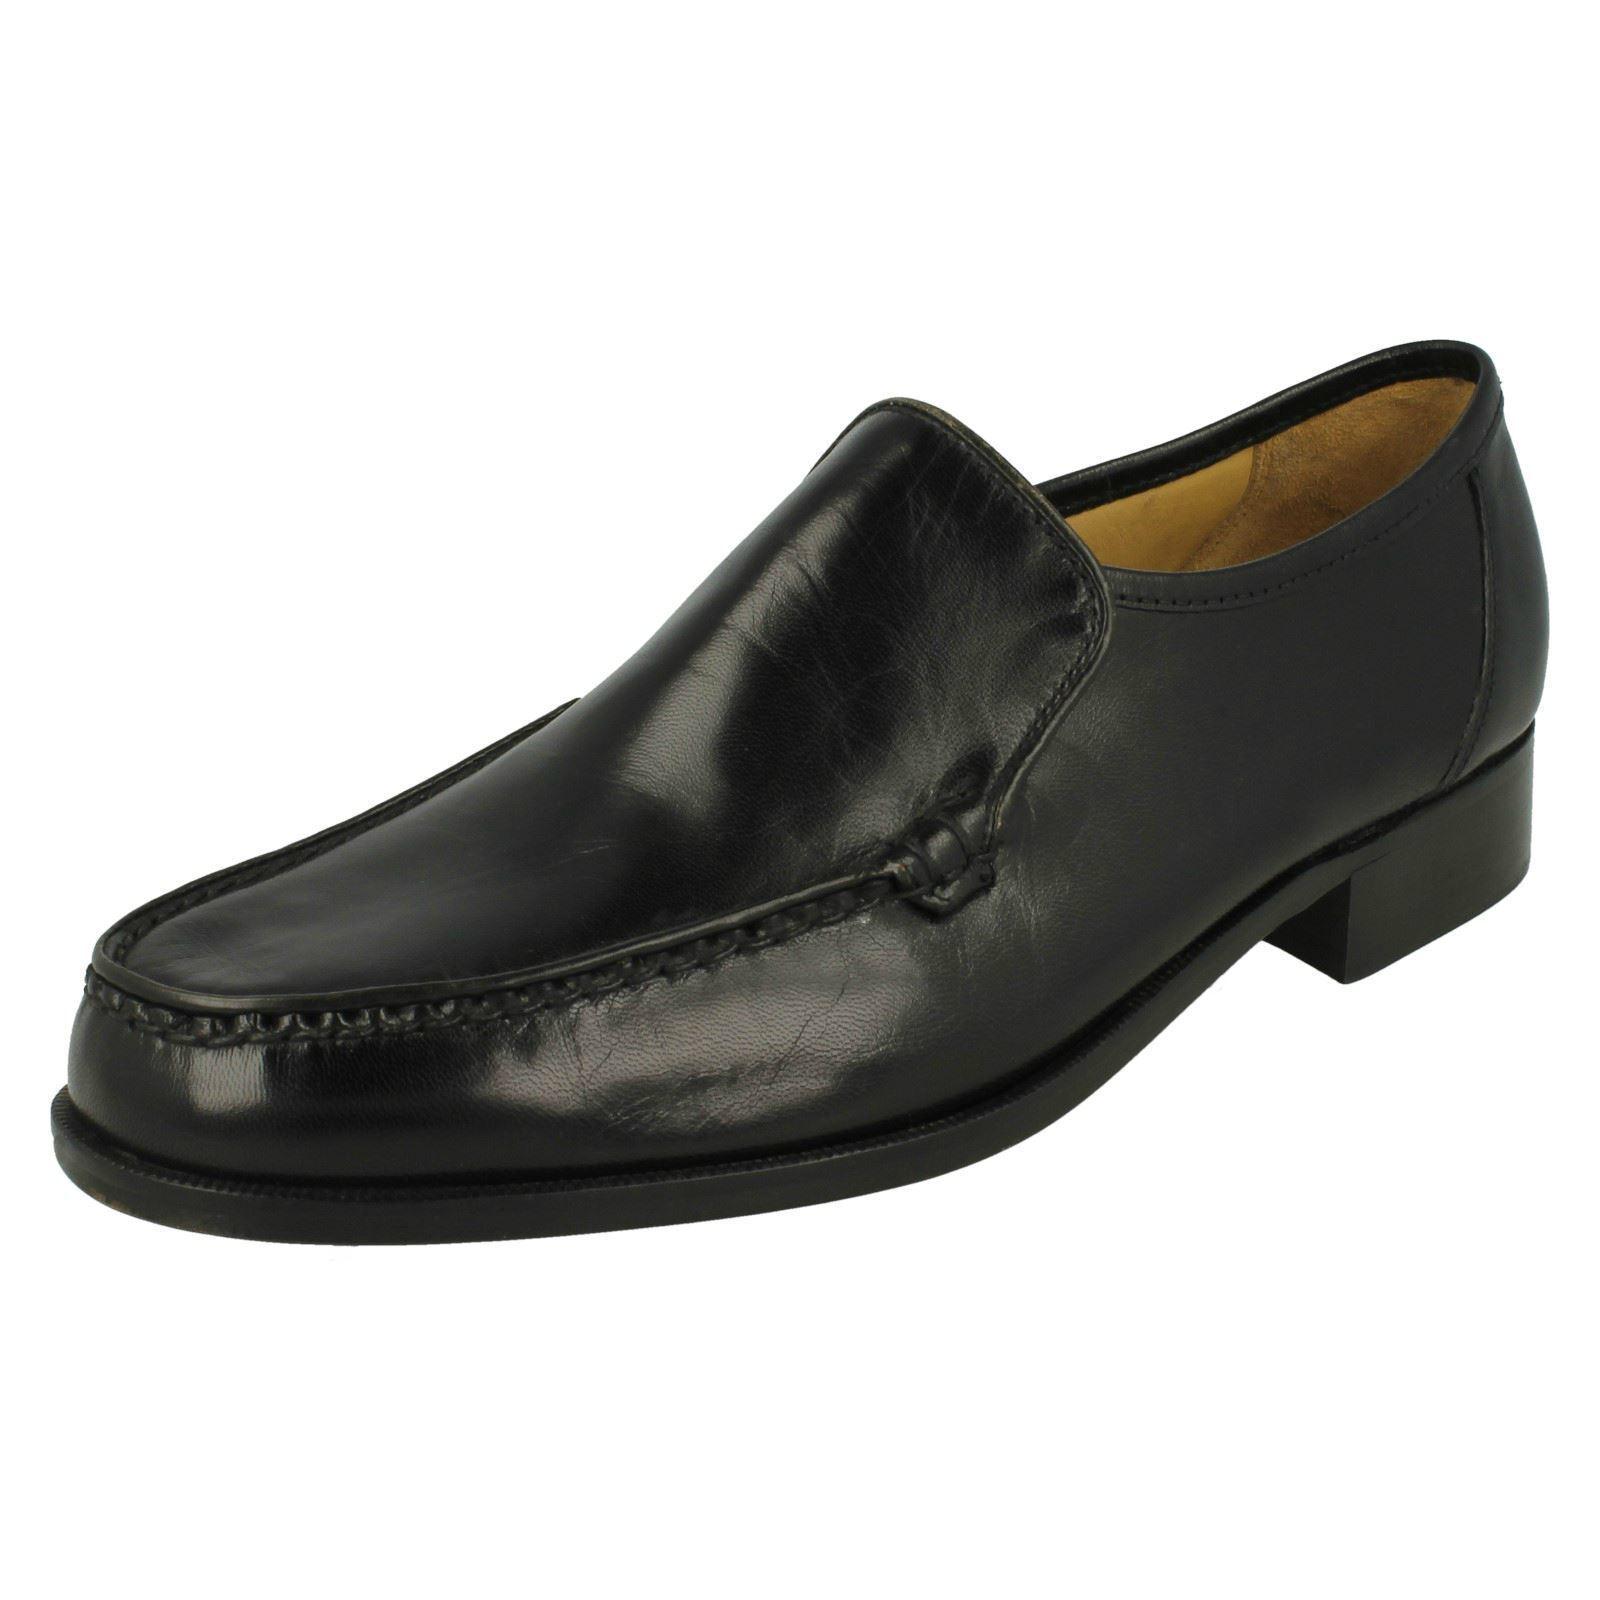 Herren Illinois schwarzes Leder Hineinschlüpfen Schuh von Thomas Blunt